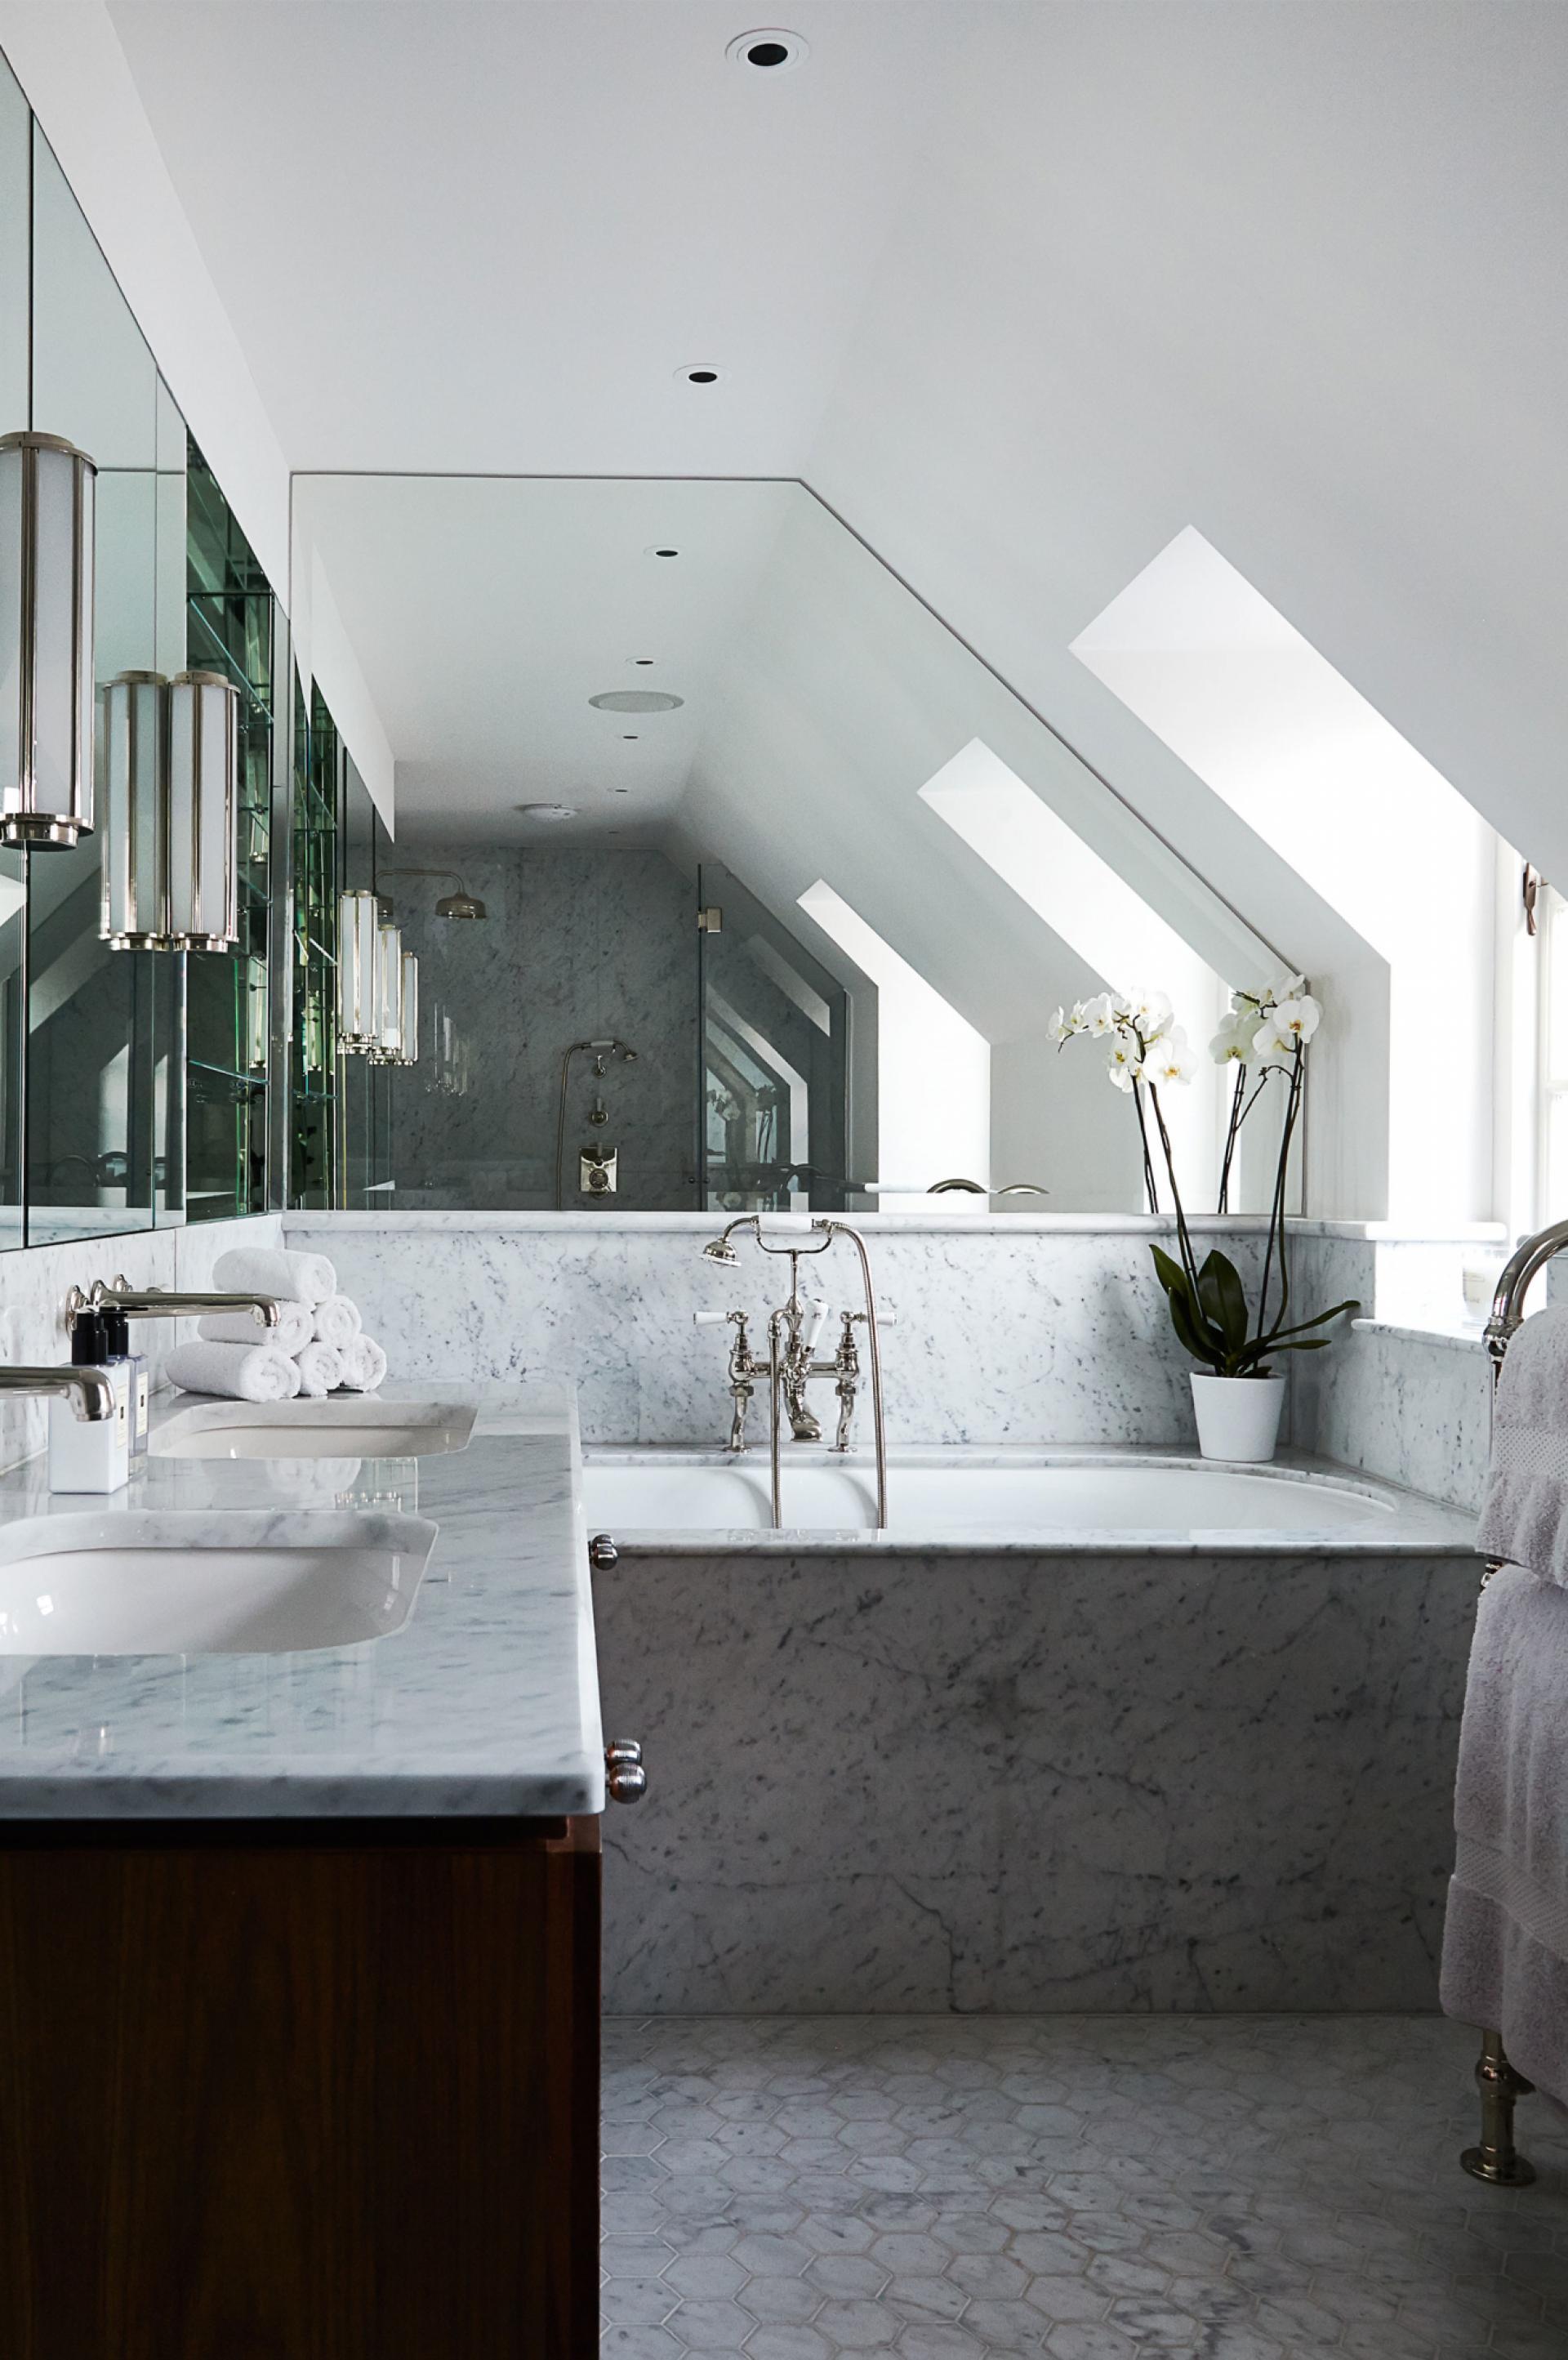 banheiro-repleto-de-marmore-e-espelhos- Anna Stathaki